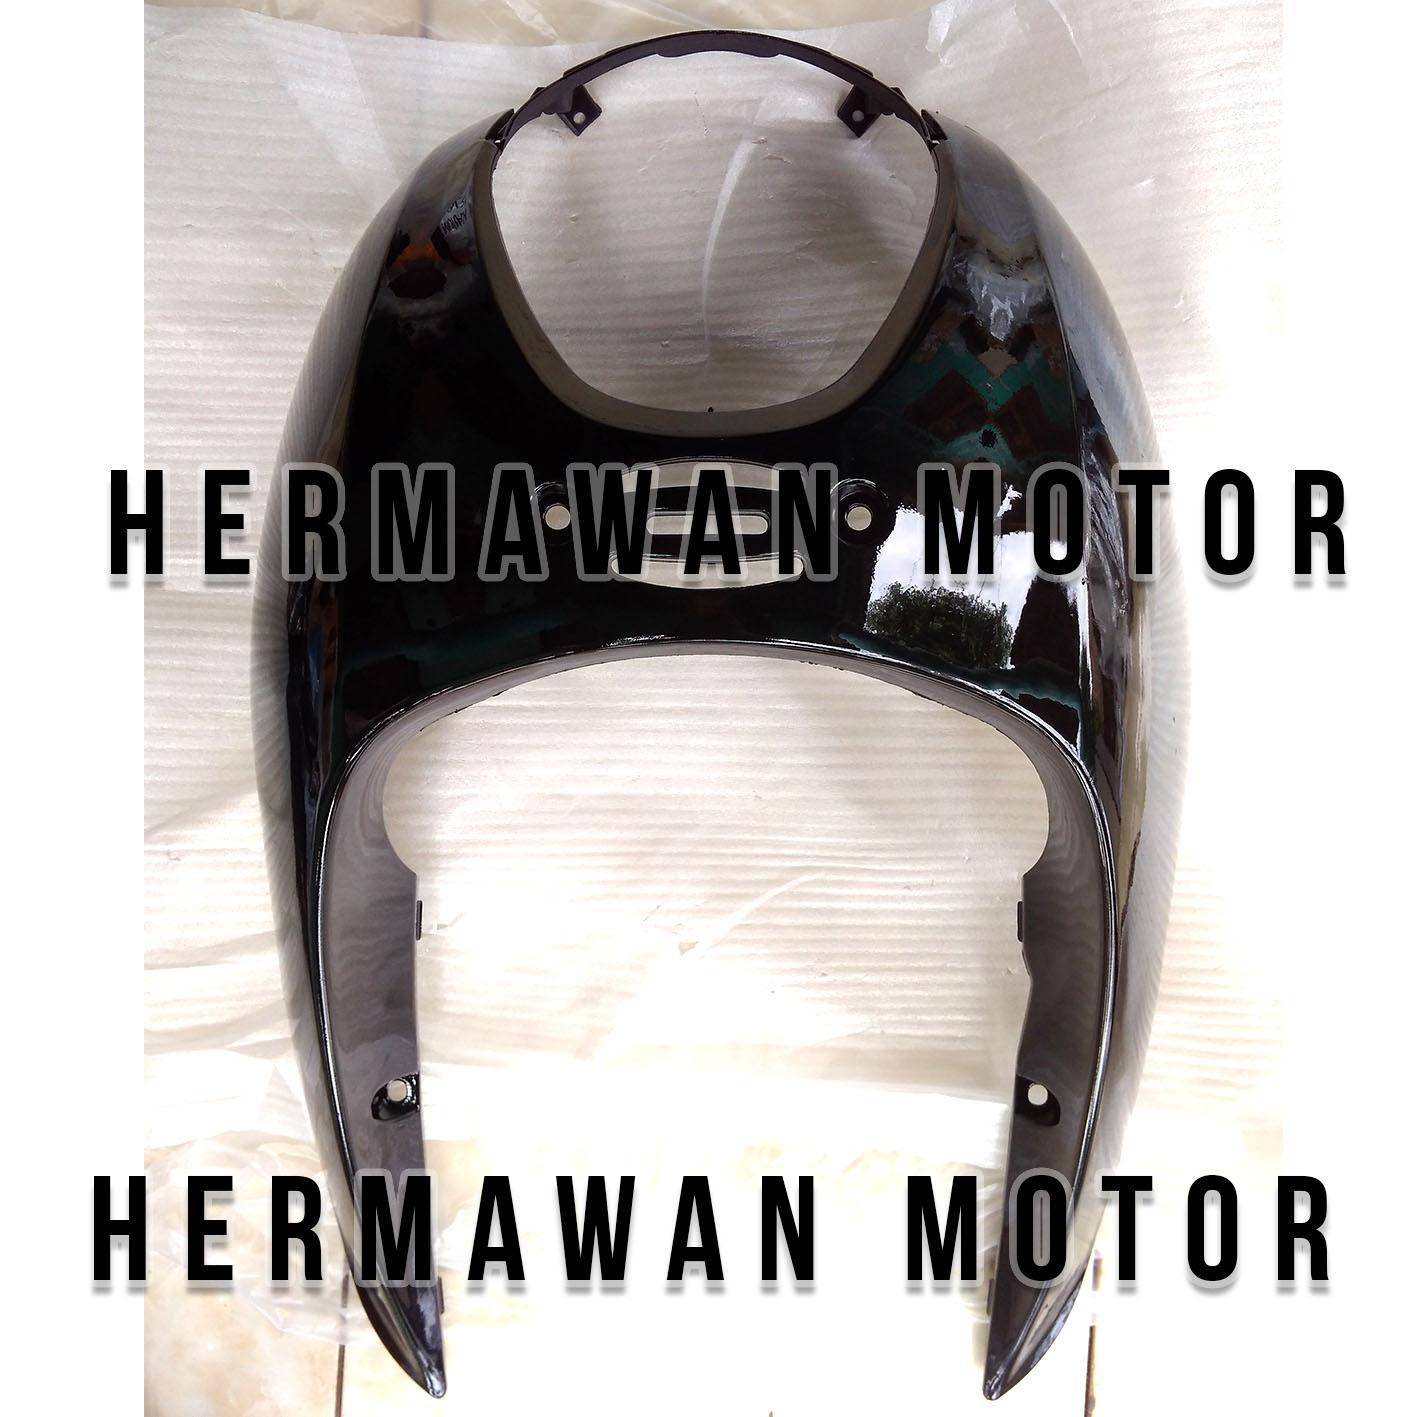 Tameng depan Honda scoopy karbu warna hitam